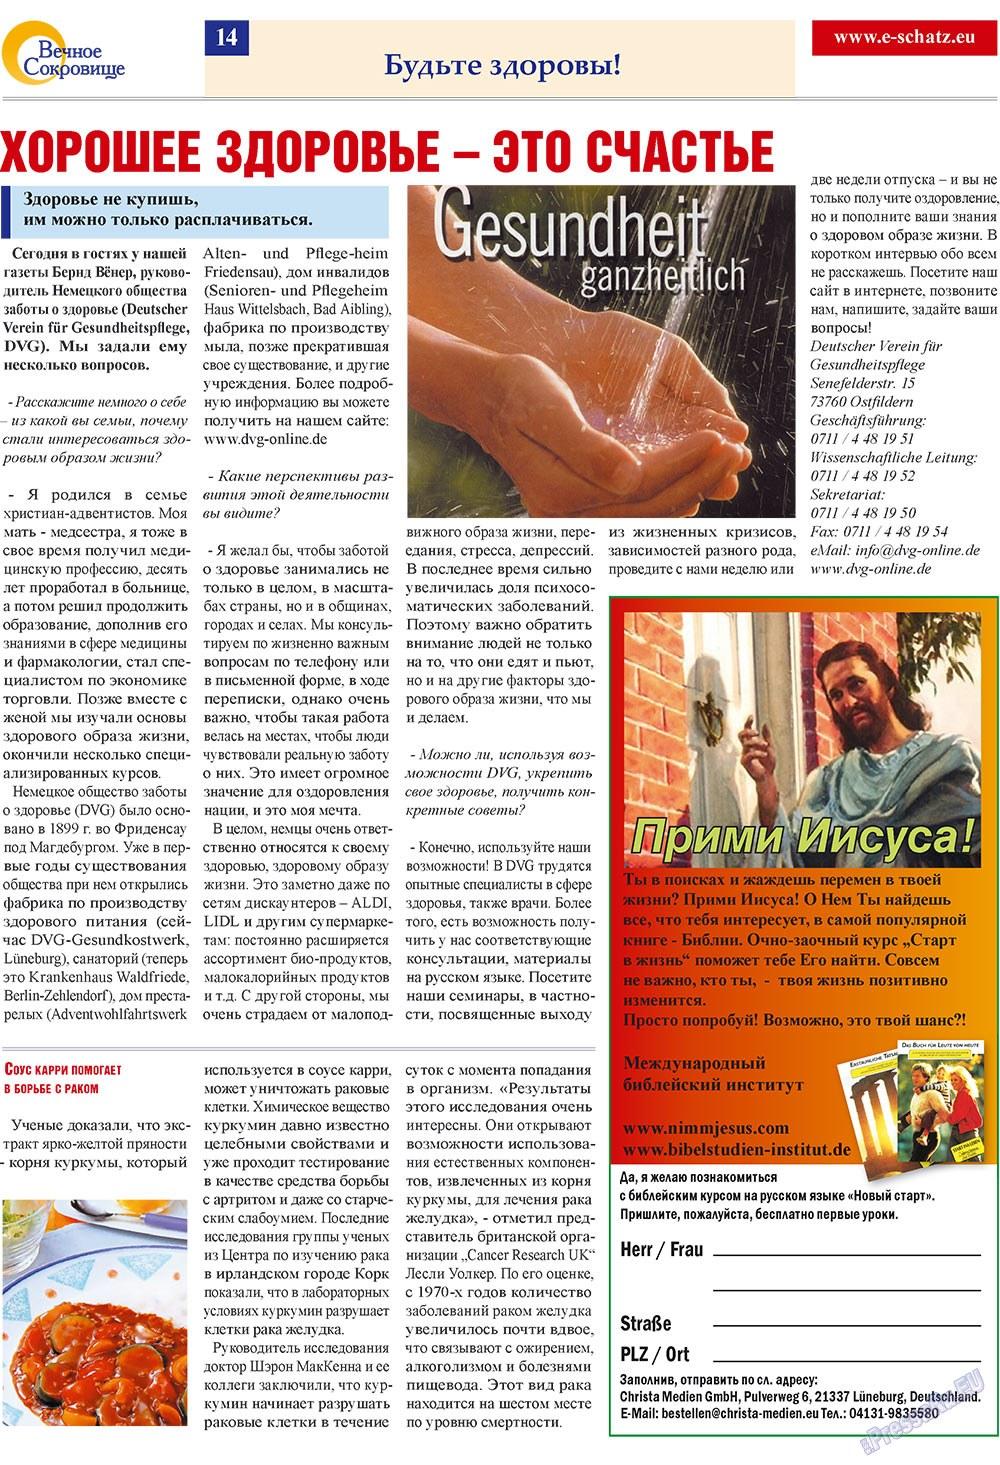 Вечное сокровище (газета). 2009 год, номер 4, стр. 14